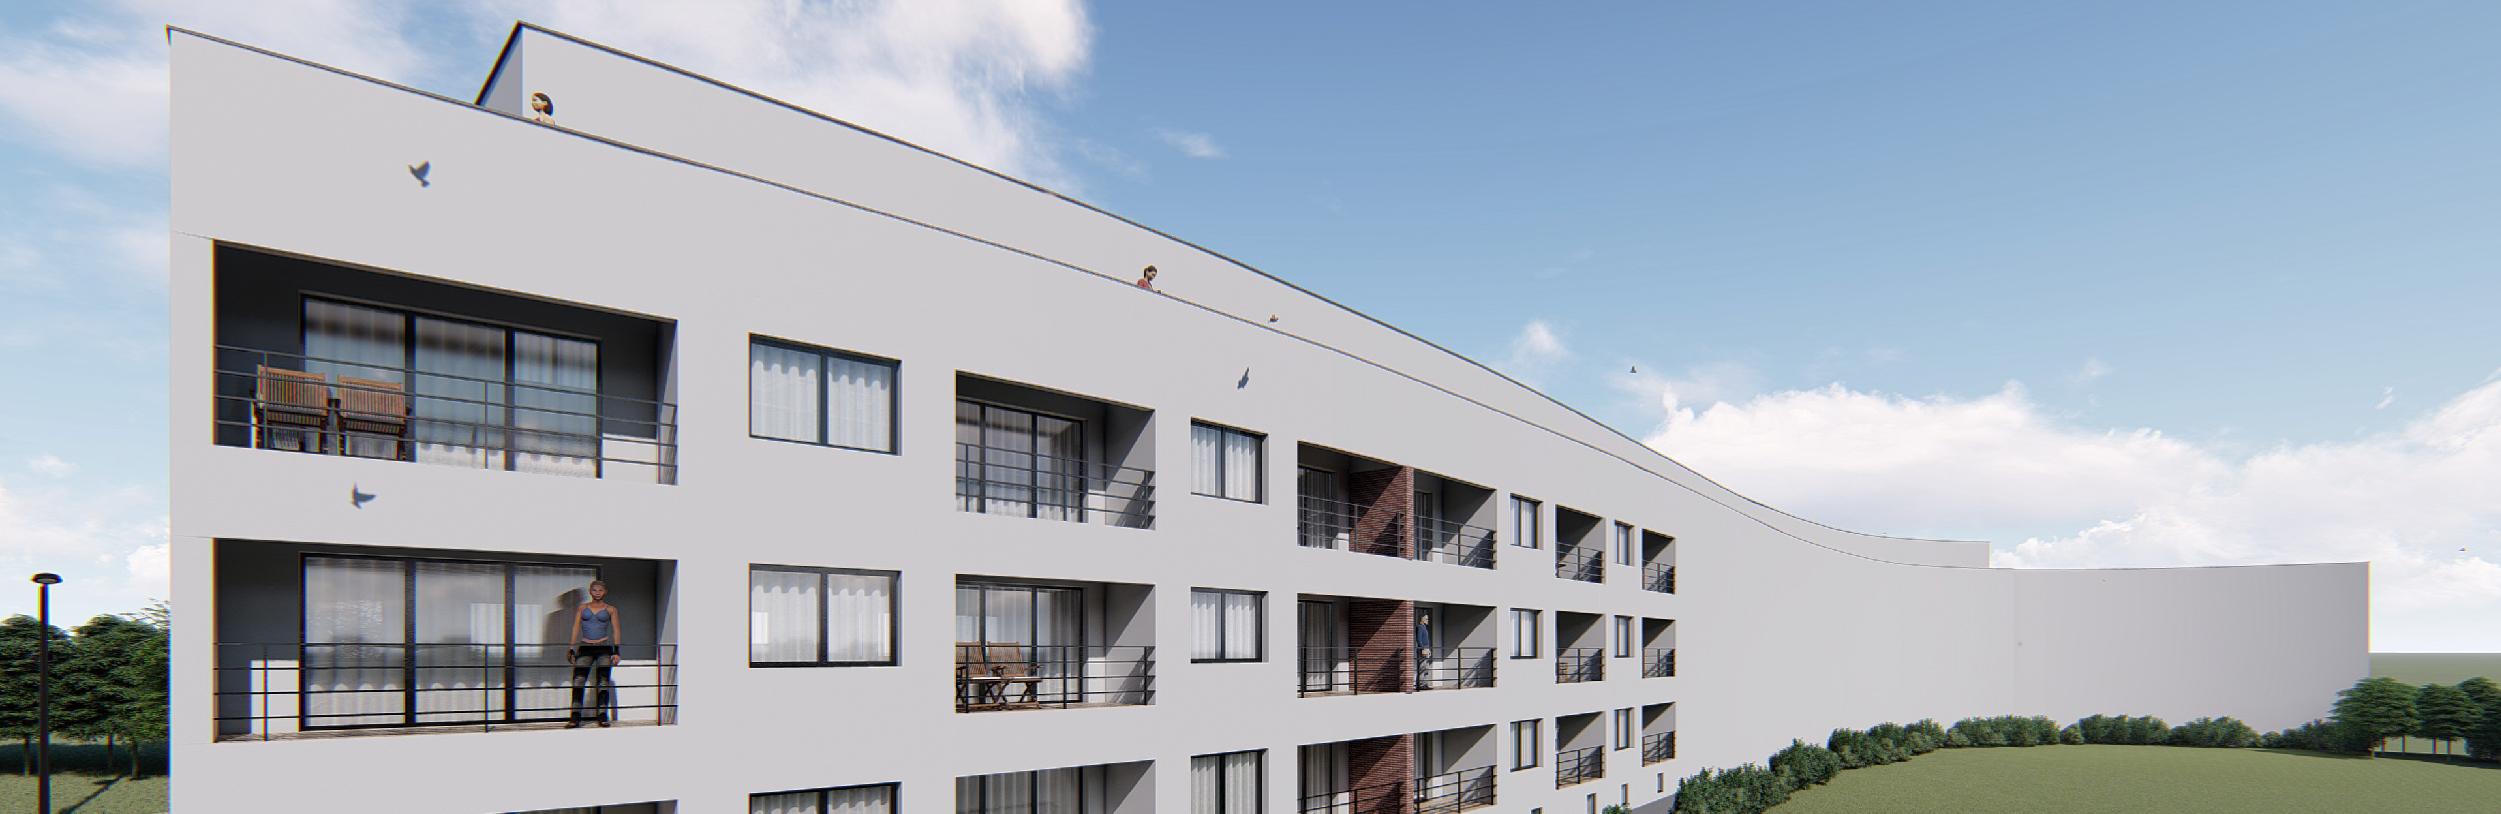 Sở hữu dự án căn hộ tại khu du lịch nổi tiếng lấy Golden Visa Bồ Đào Nha